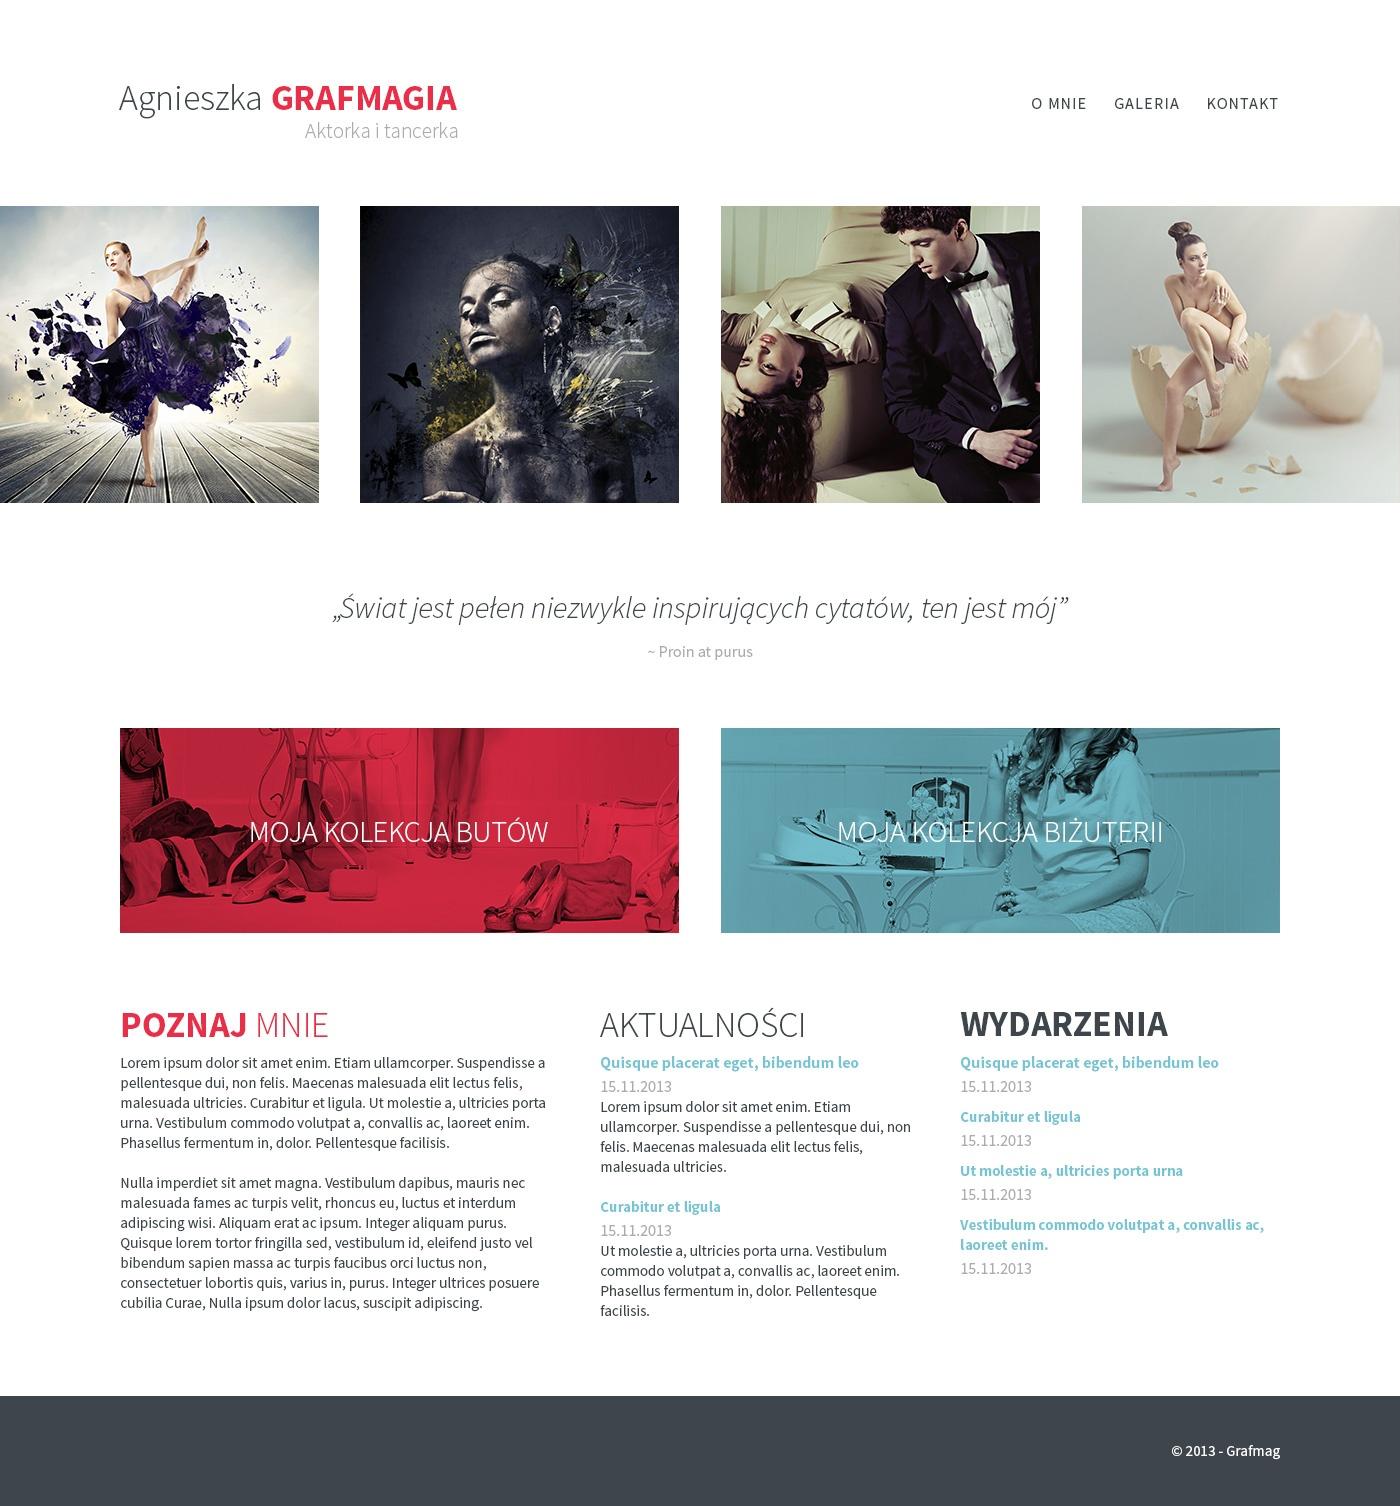 Responsywna strona internetowa z Adobe Photoshop i Edge Reflow efekt koncowy